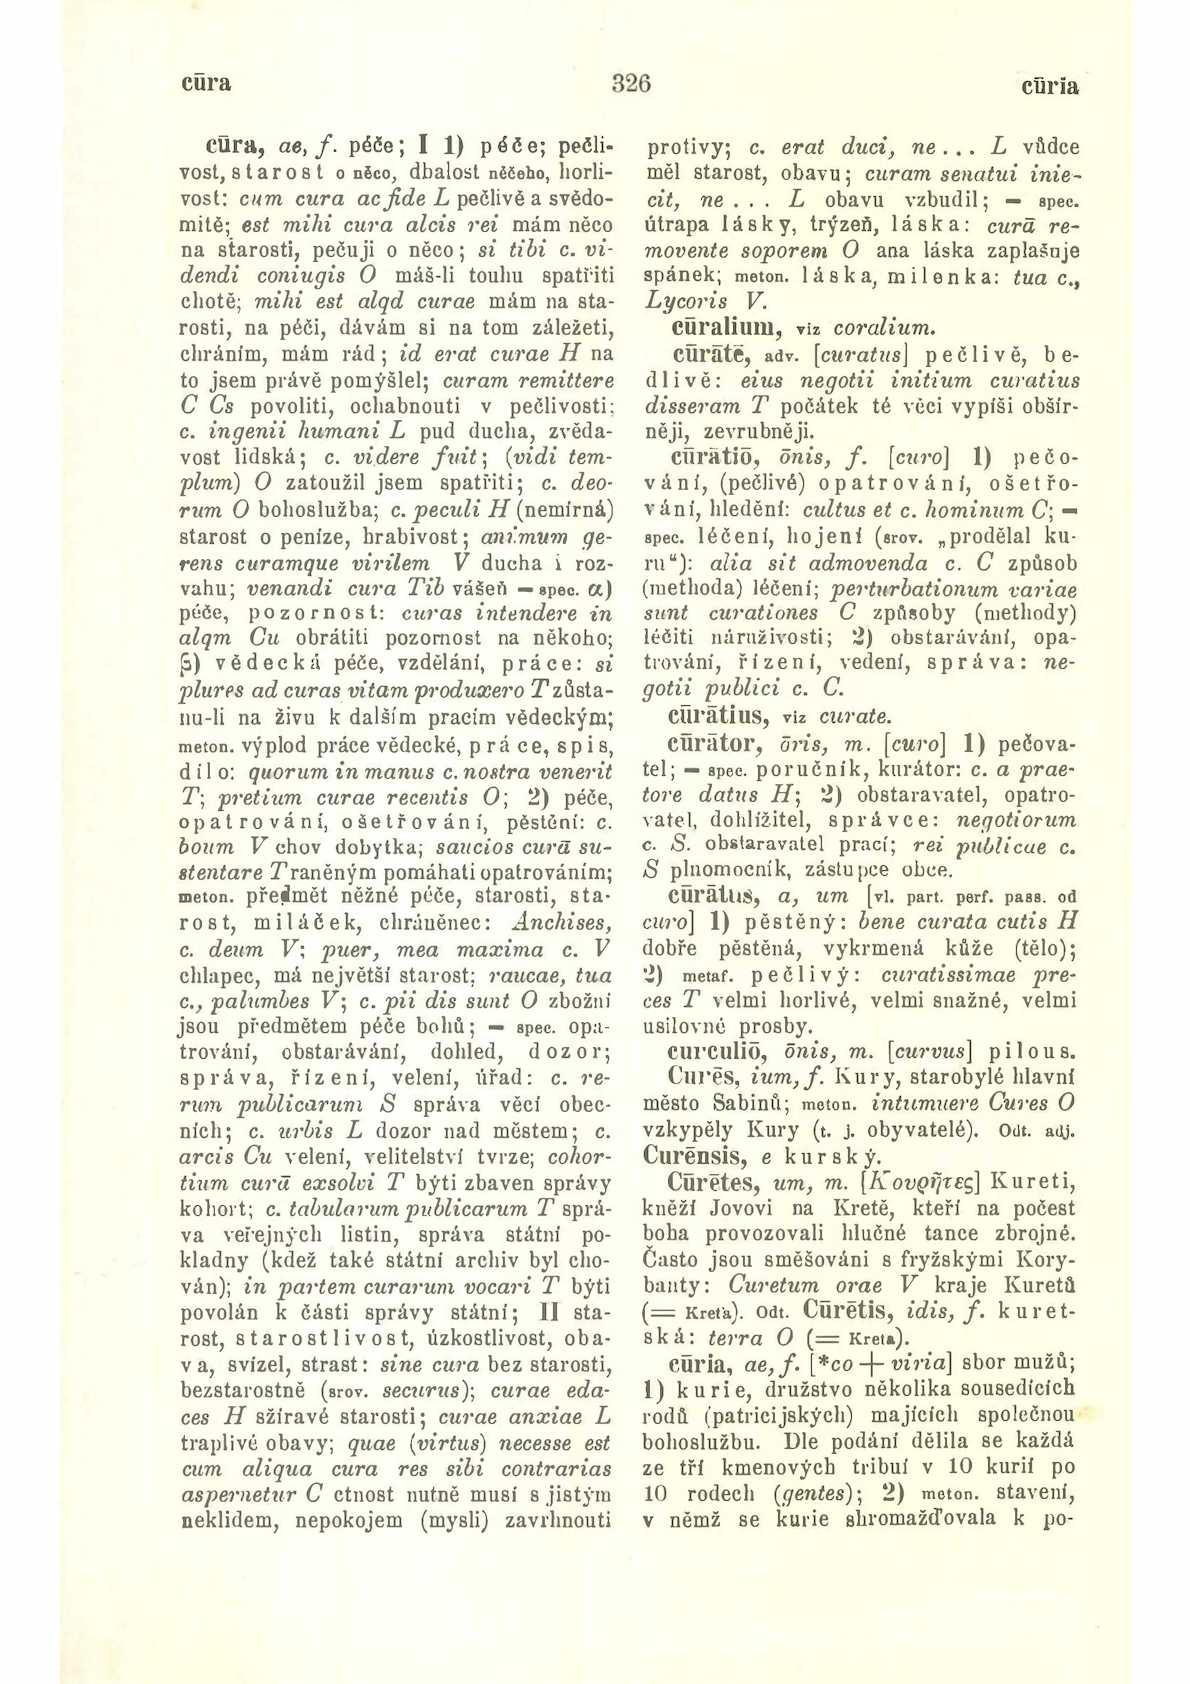 Latinsko-český slovník Cura – Infi k potřebě gymnasií a reálných gymnasií  Pražák Josef Miroslav, Novotný František, Sedláček Josef, 1939